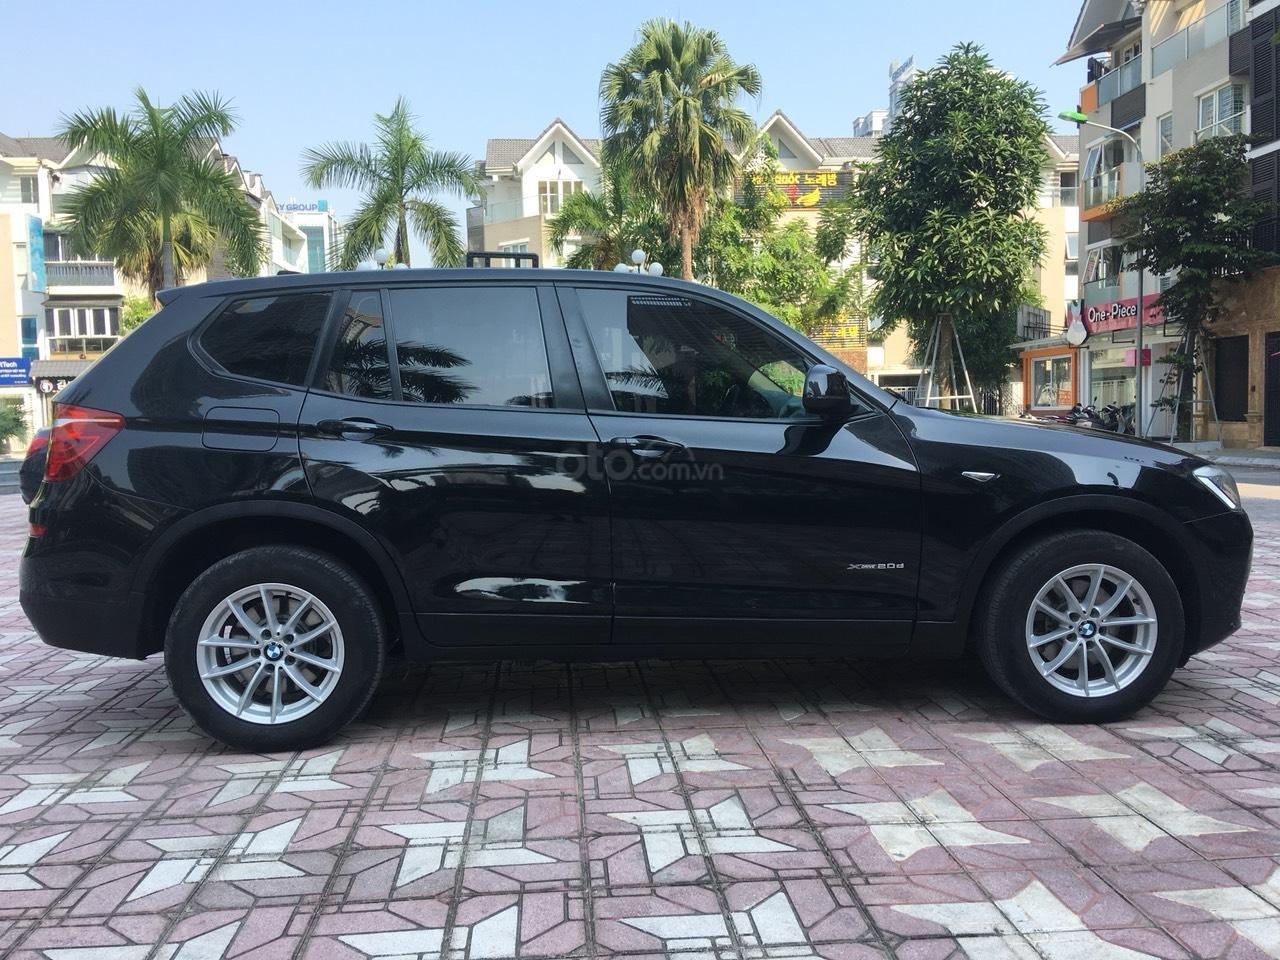 BMW X3 model 2015, máy dầu hàng độc (6)